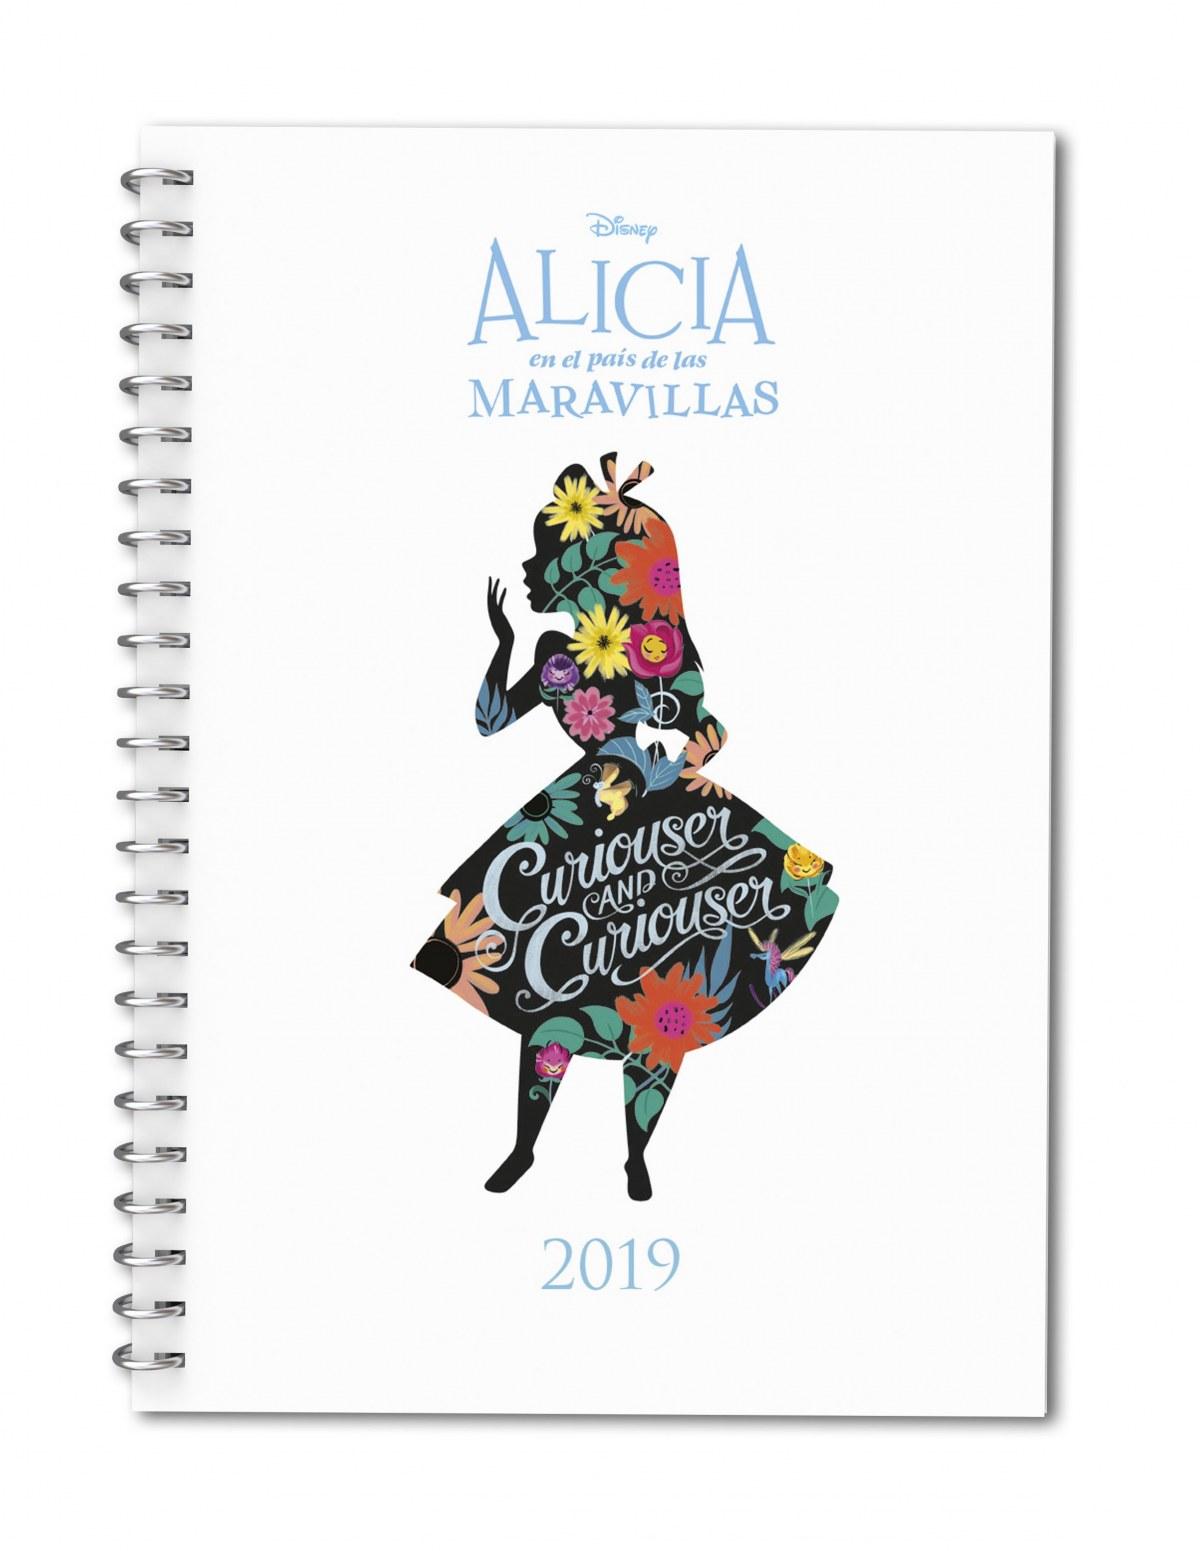 AGENDA DISNEY 2019 ALICIA EN EL PAÍS DE LAS MARAVILLAS